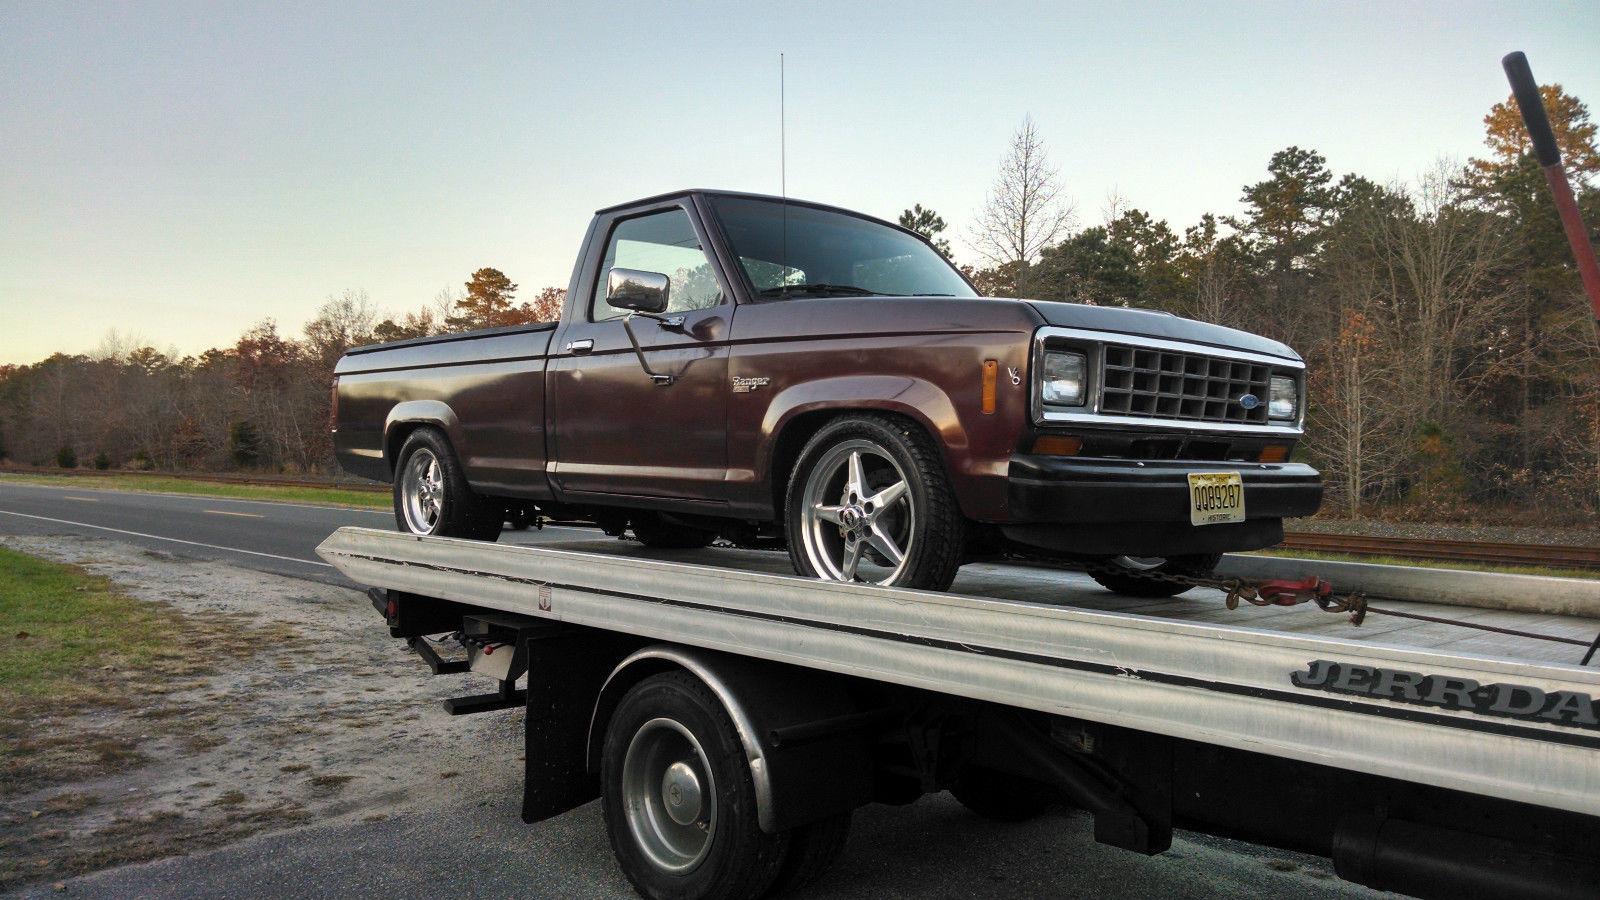 1986 ford ranger v8 331 stroker with 6 speed